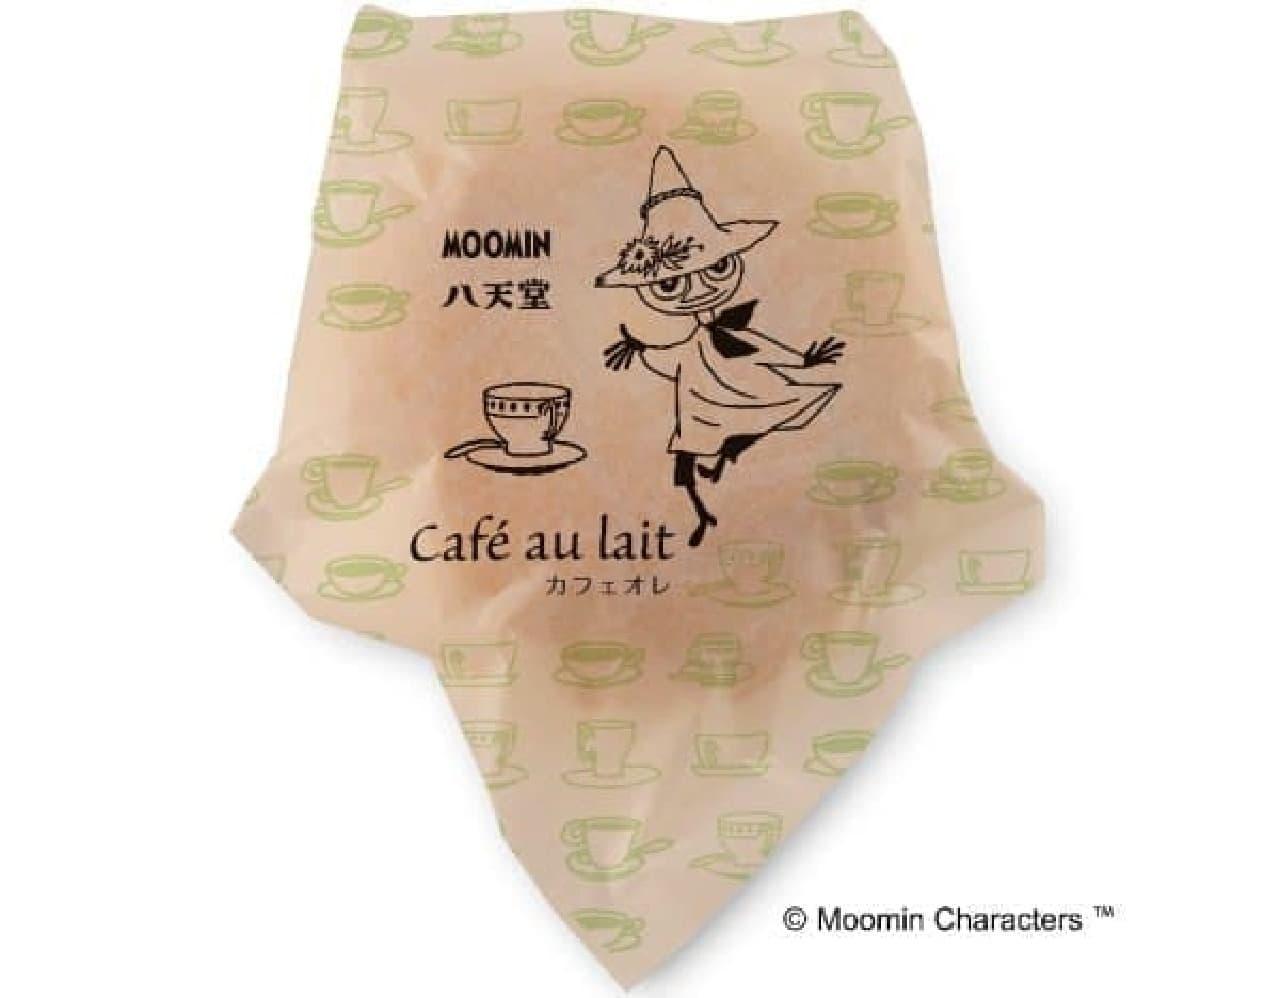 八天堂「ムーミン カフェオレくりーむパン」